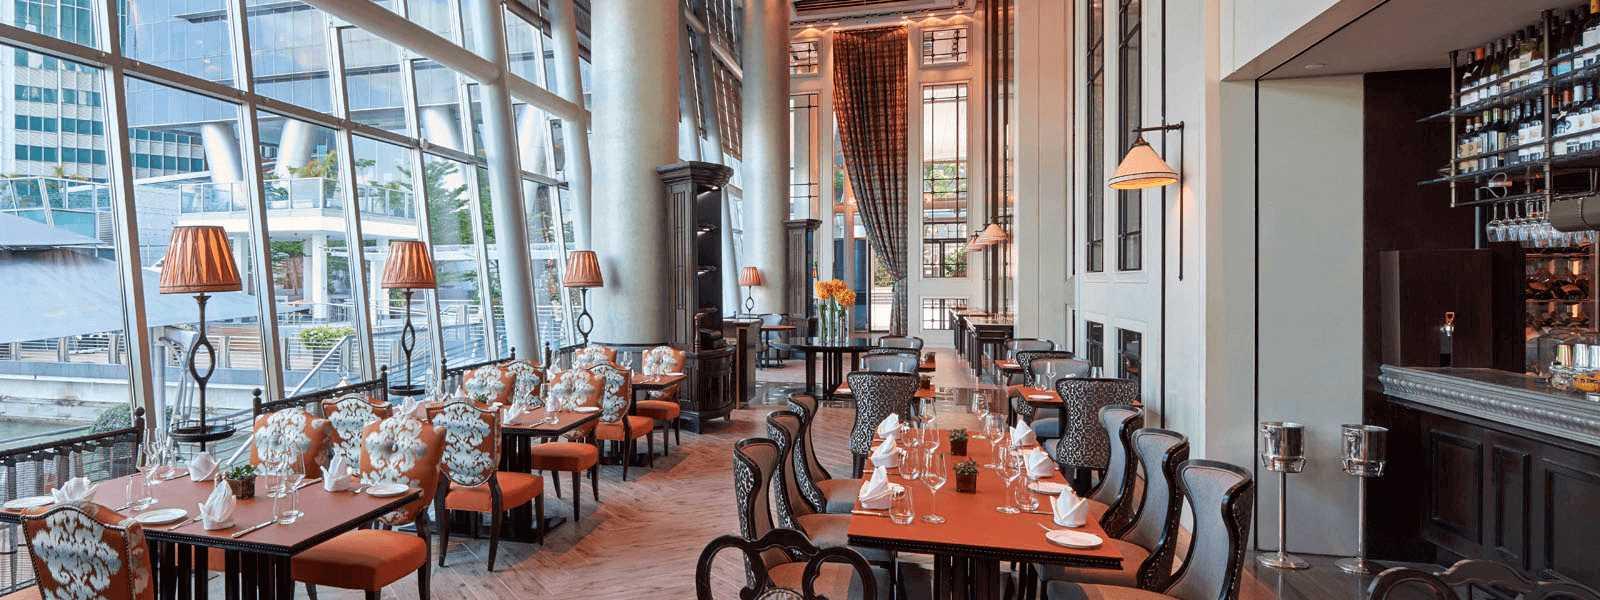 The Fullerton Bay Hotel Restaurant